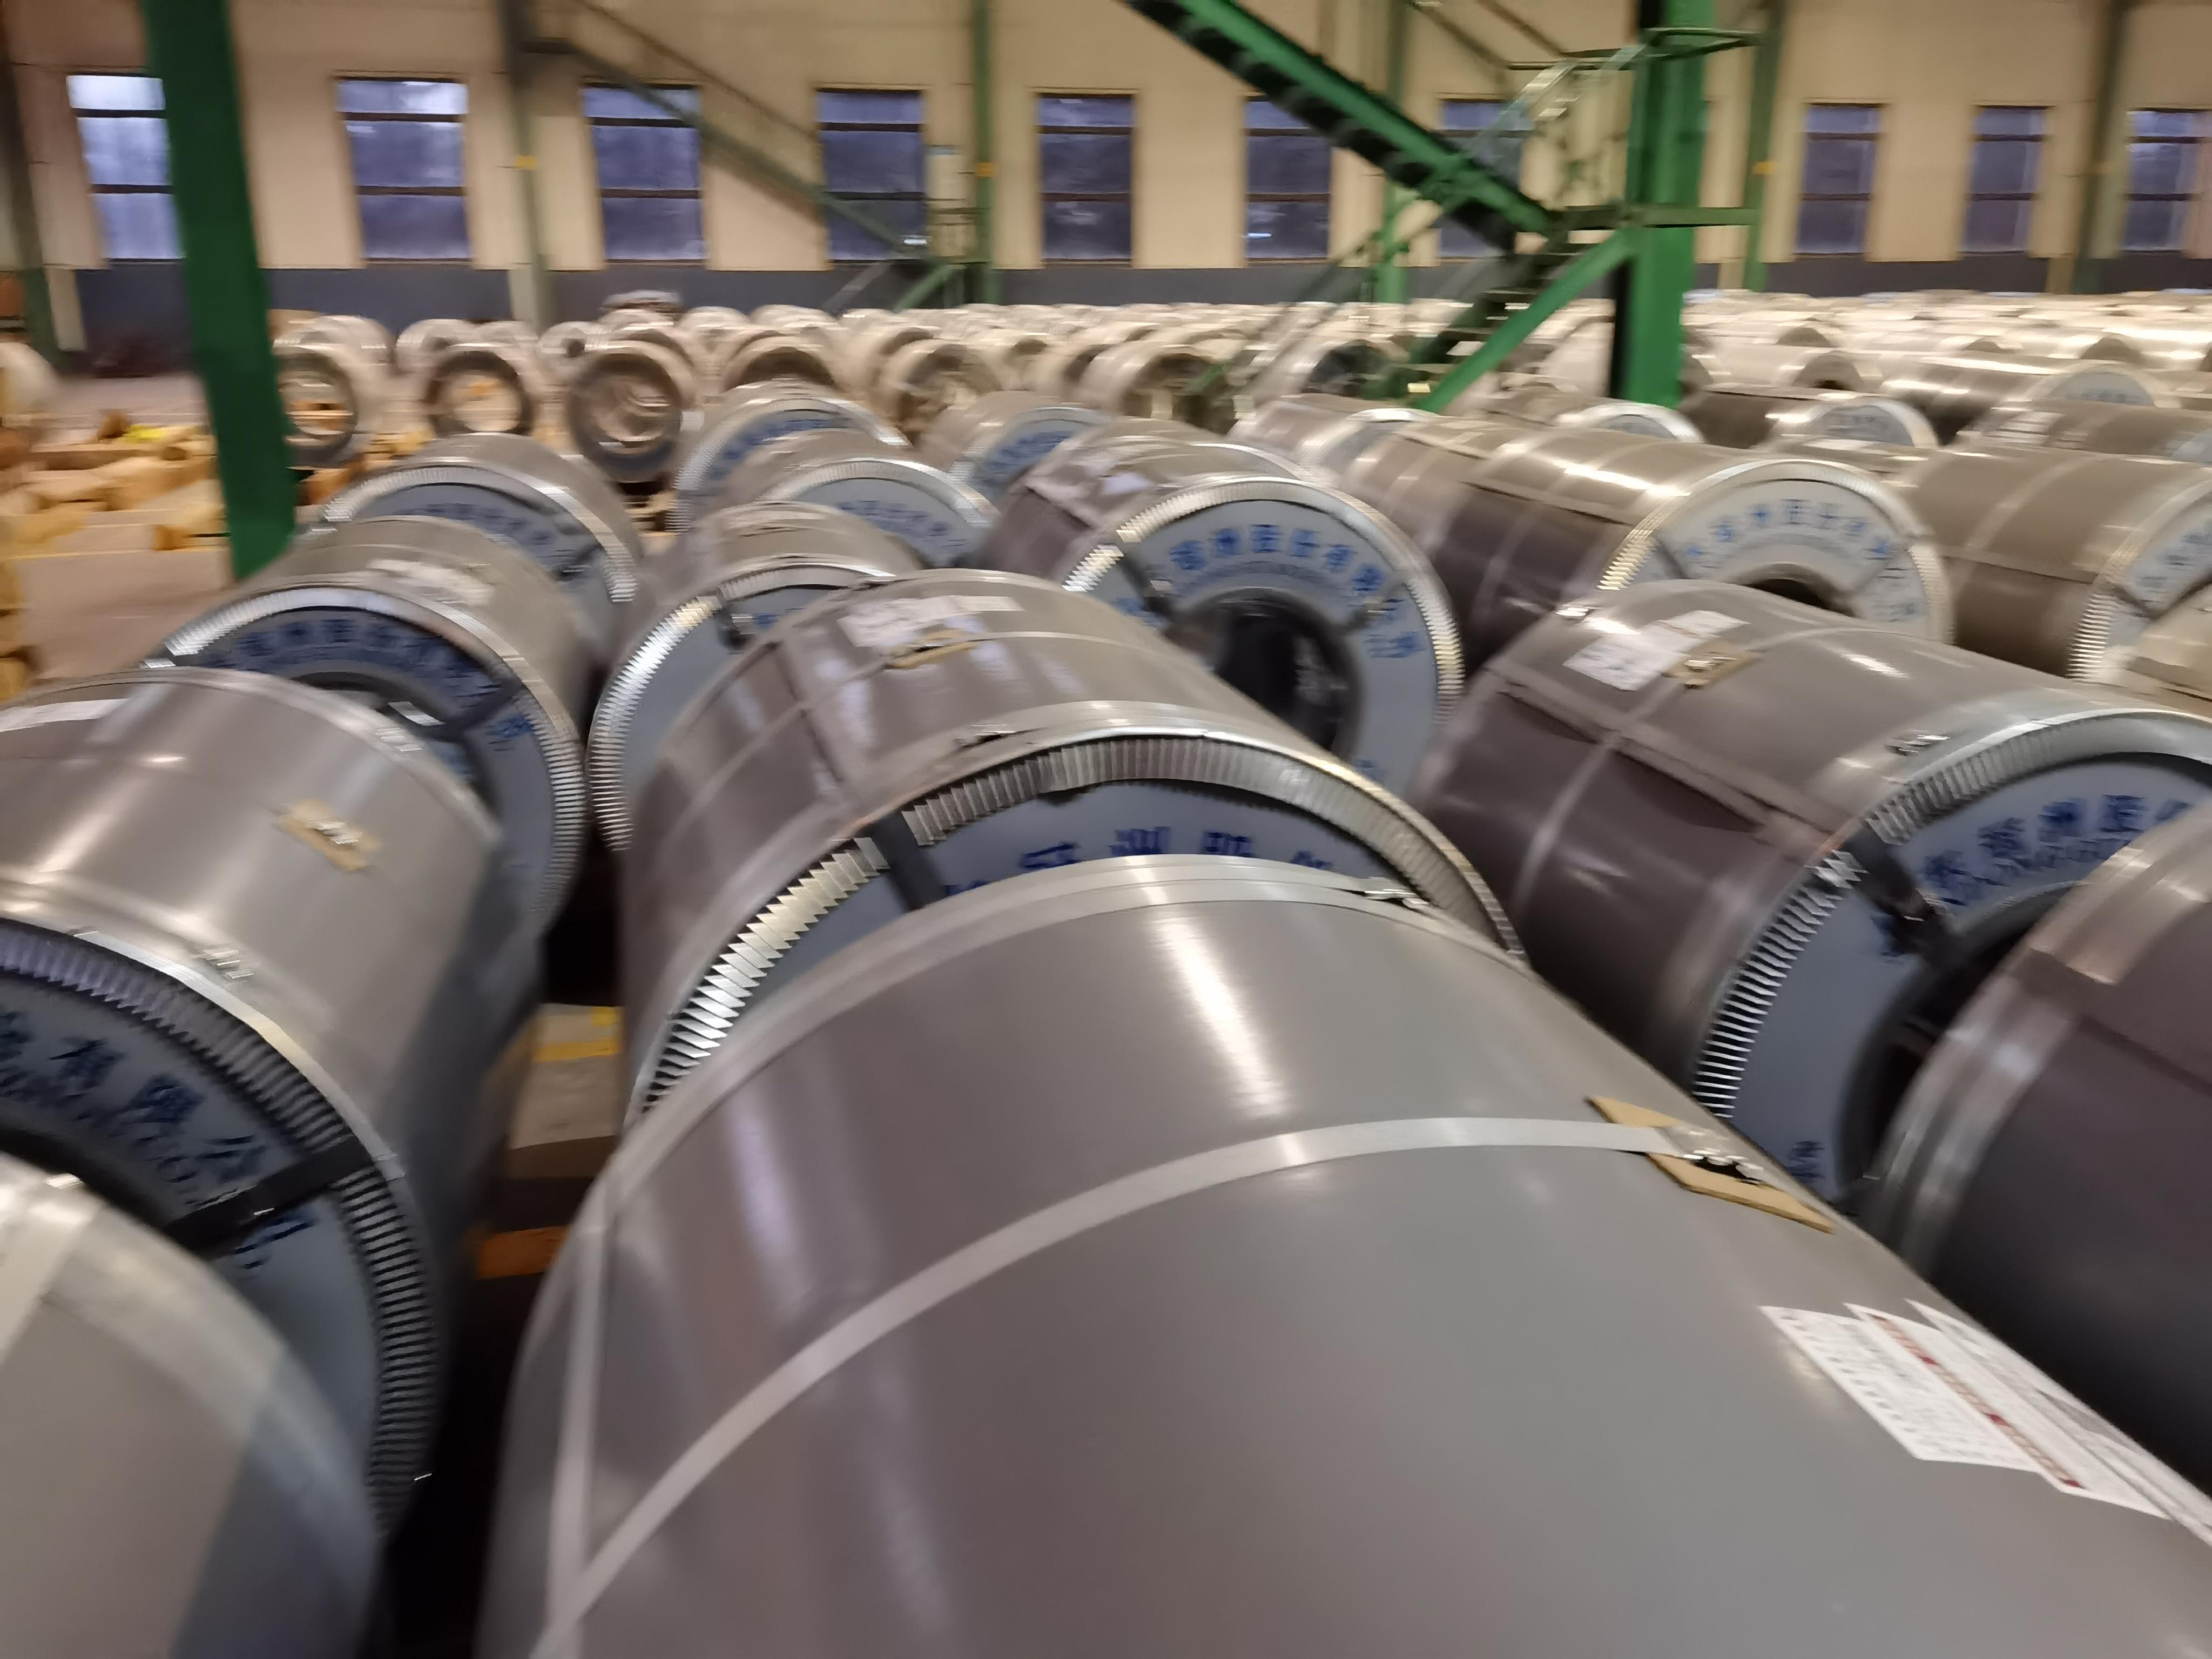 锌铝镁光板 抚顺高铝锌铝镁光板批发价格